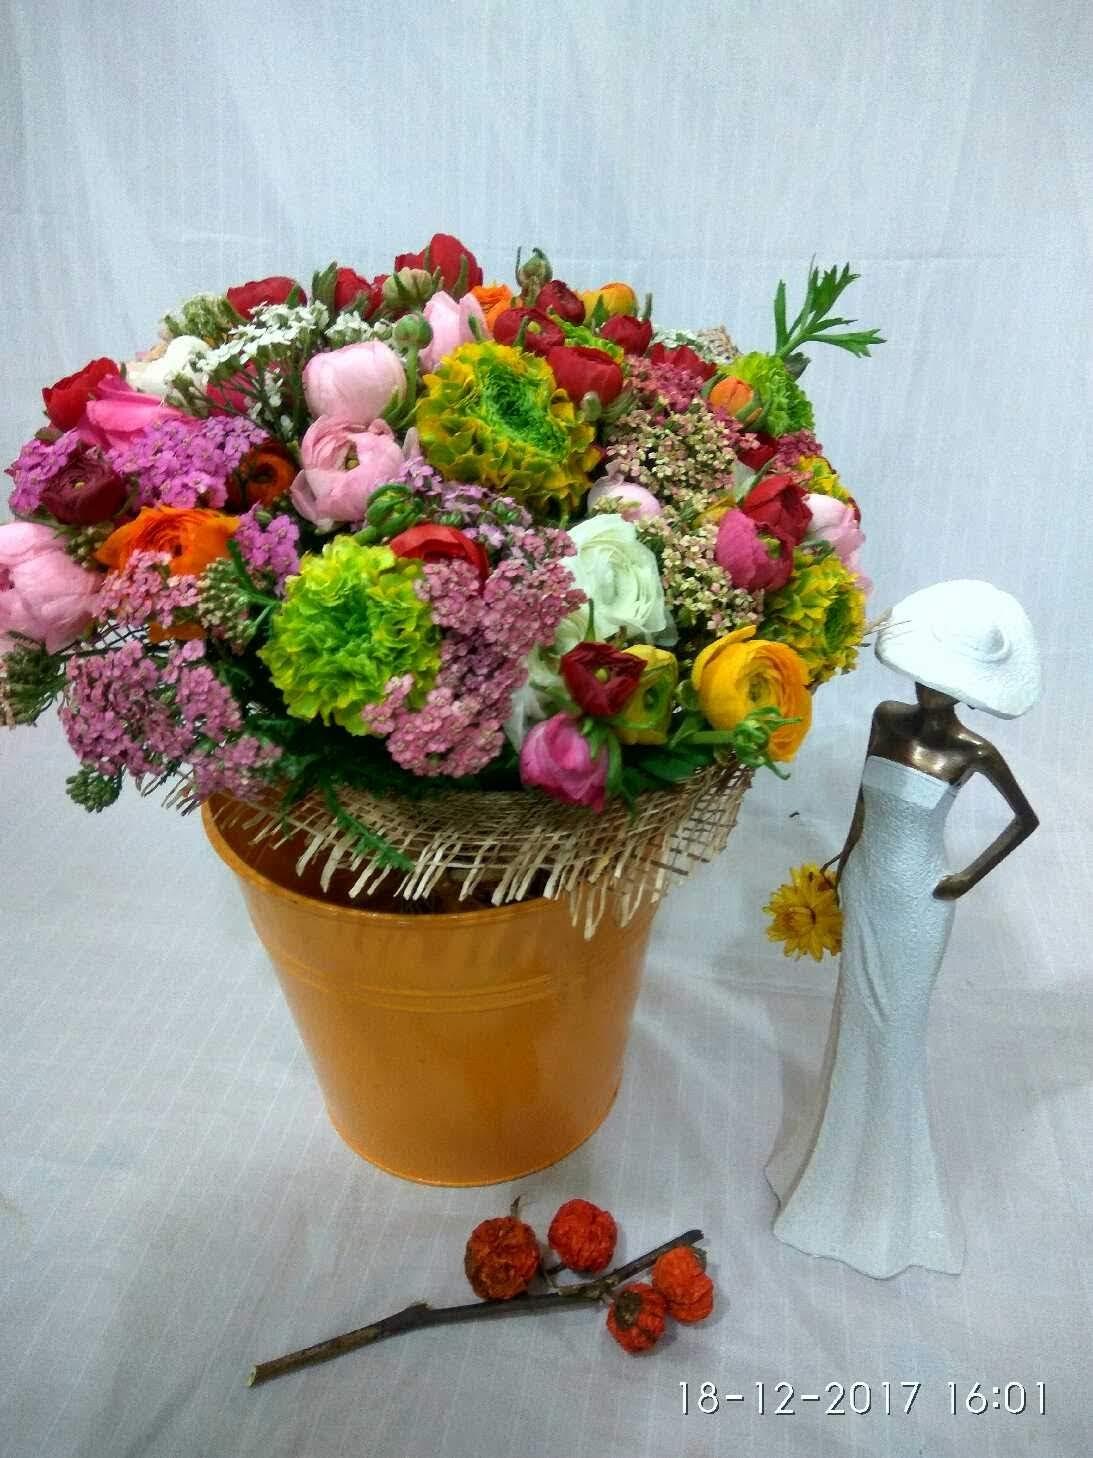 זר צבעי האביב - מימוזה - באר שבע